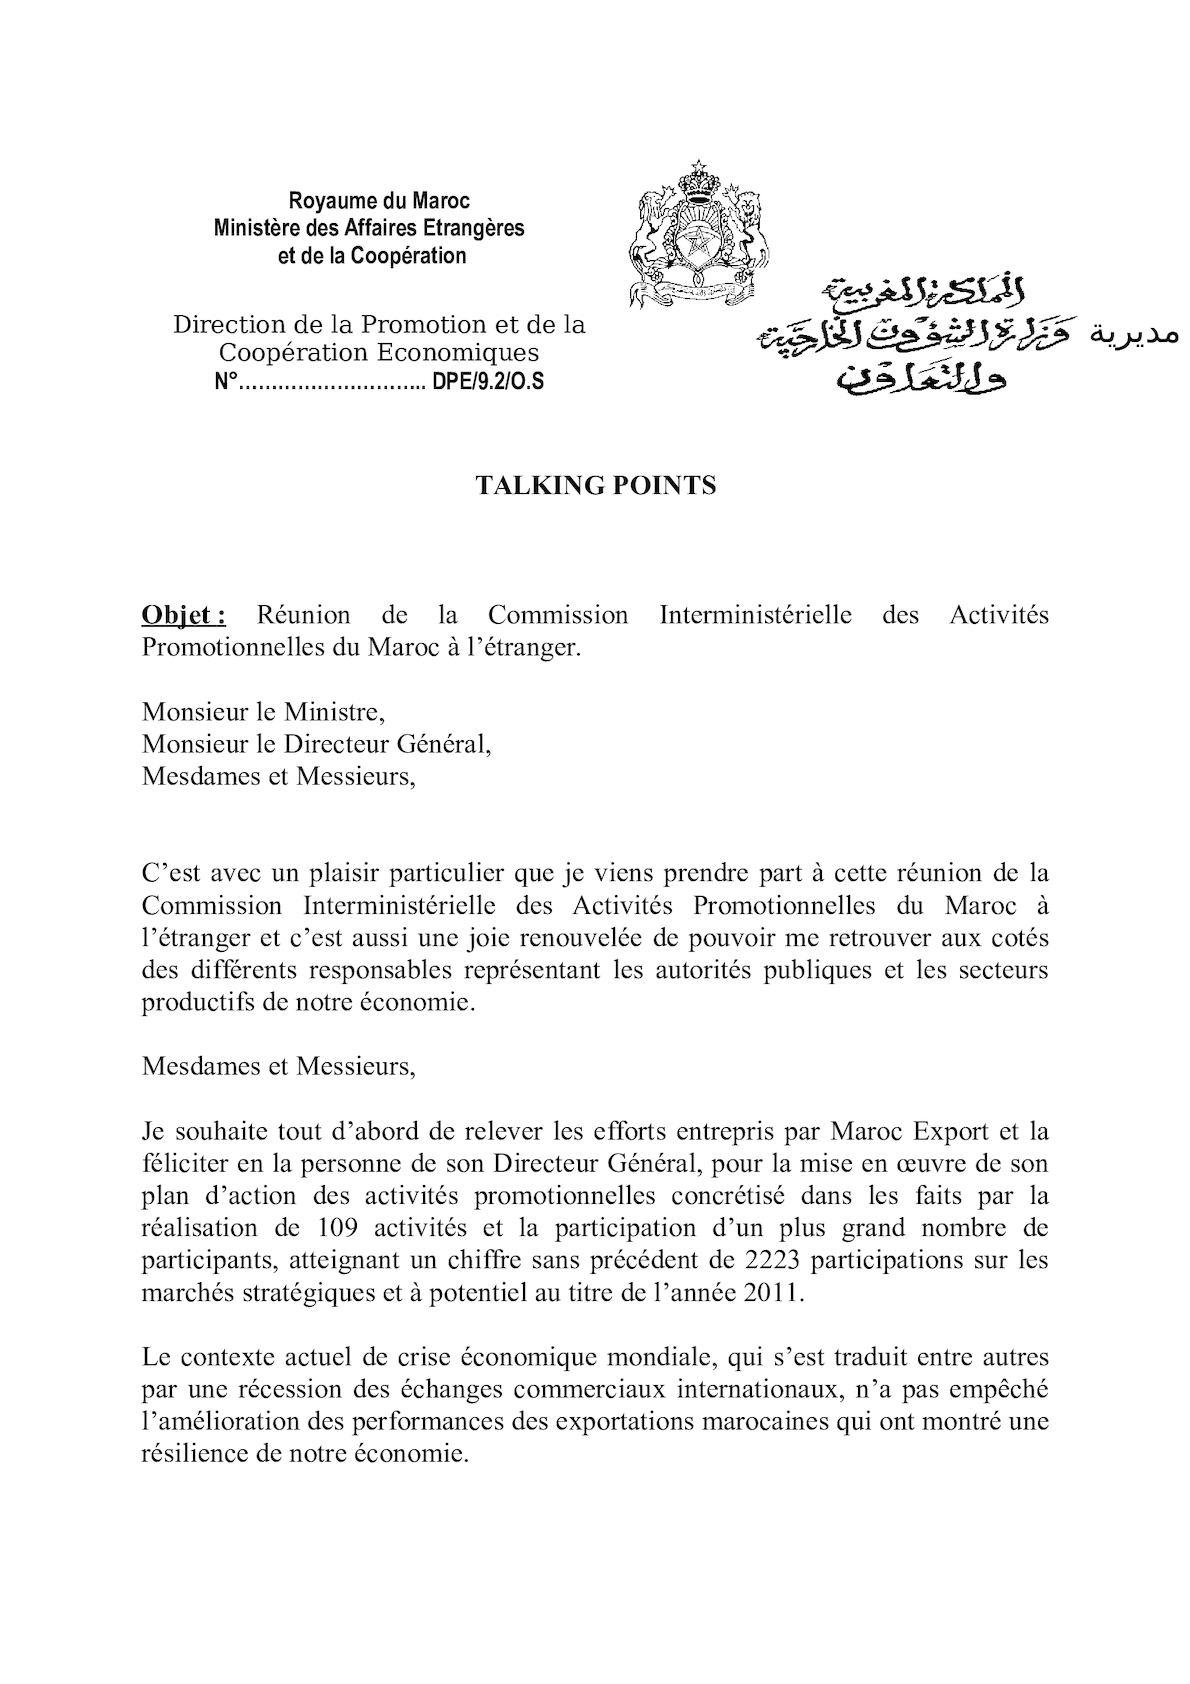 Talking Points - Commission Interministérielle Des Activités Promotionnelles Du Maroc